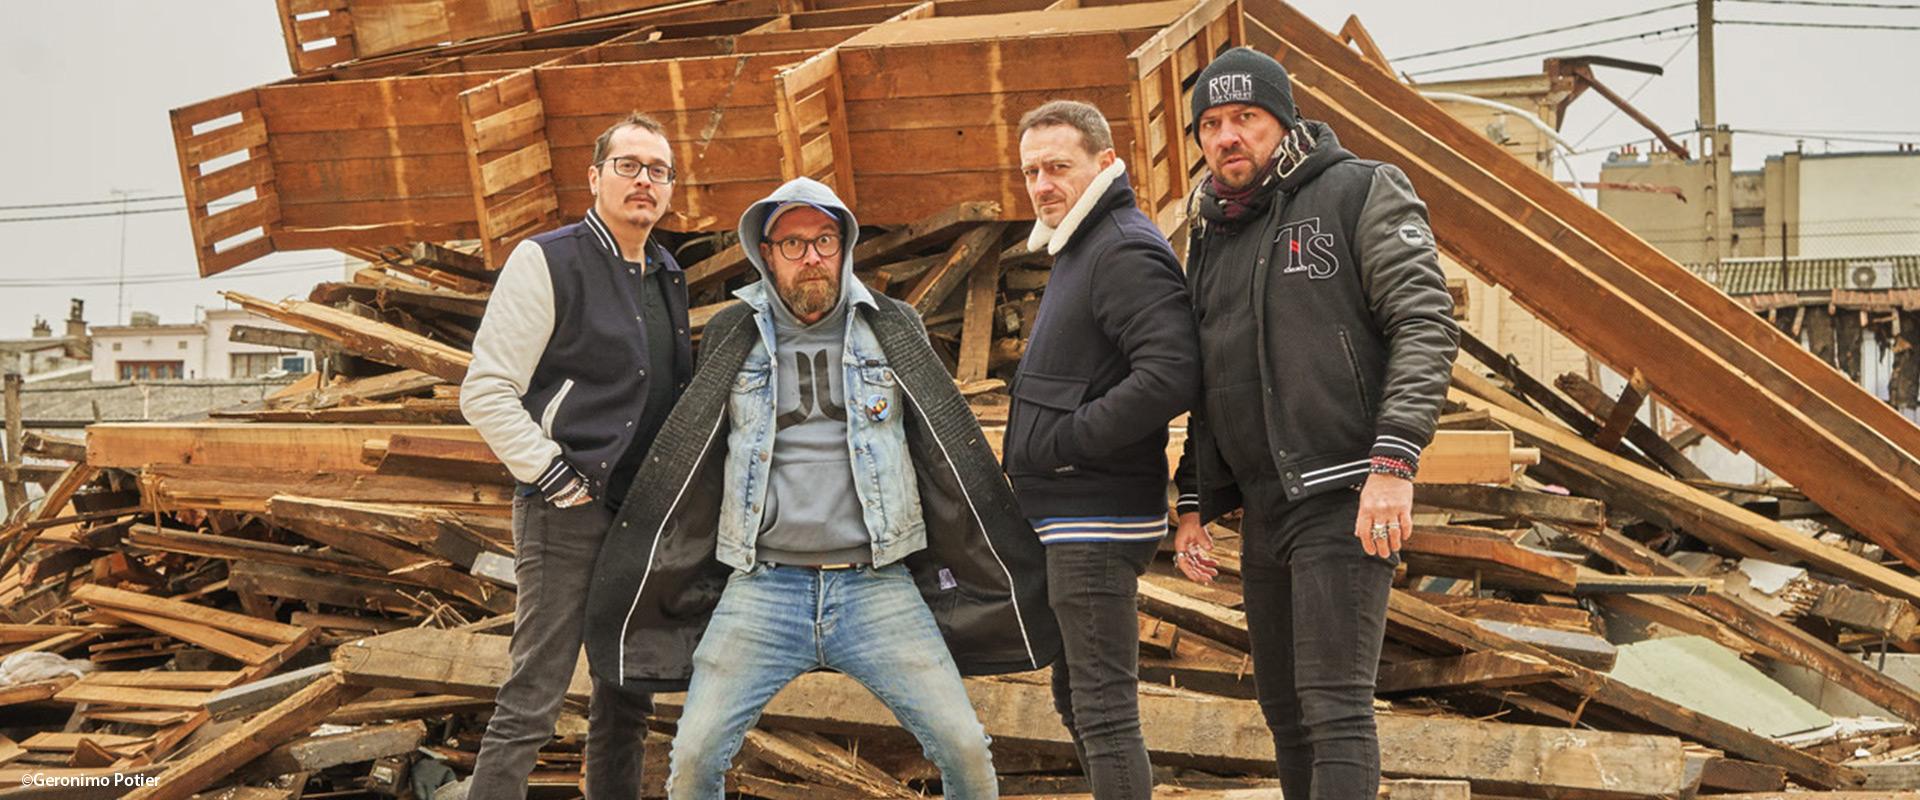 Fatals Picards - interview magazine Graines de l' Ain